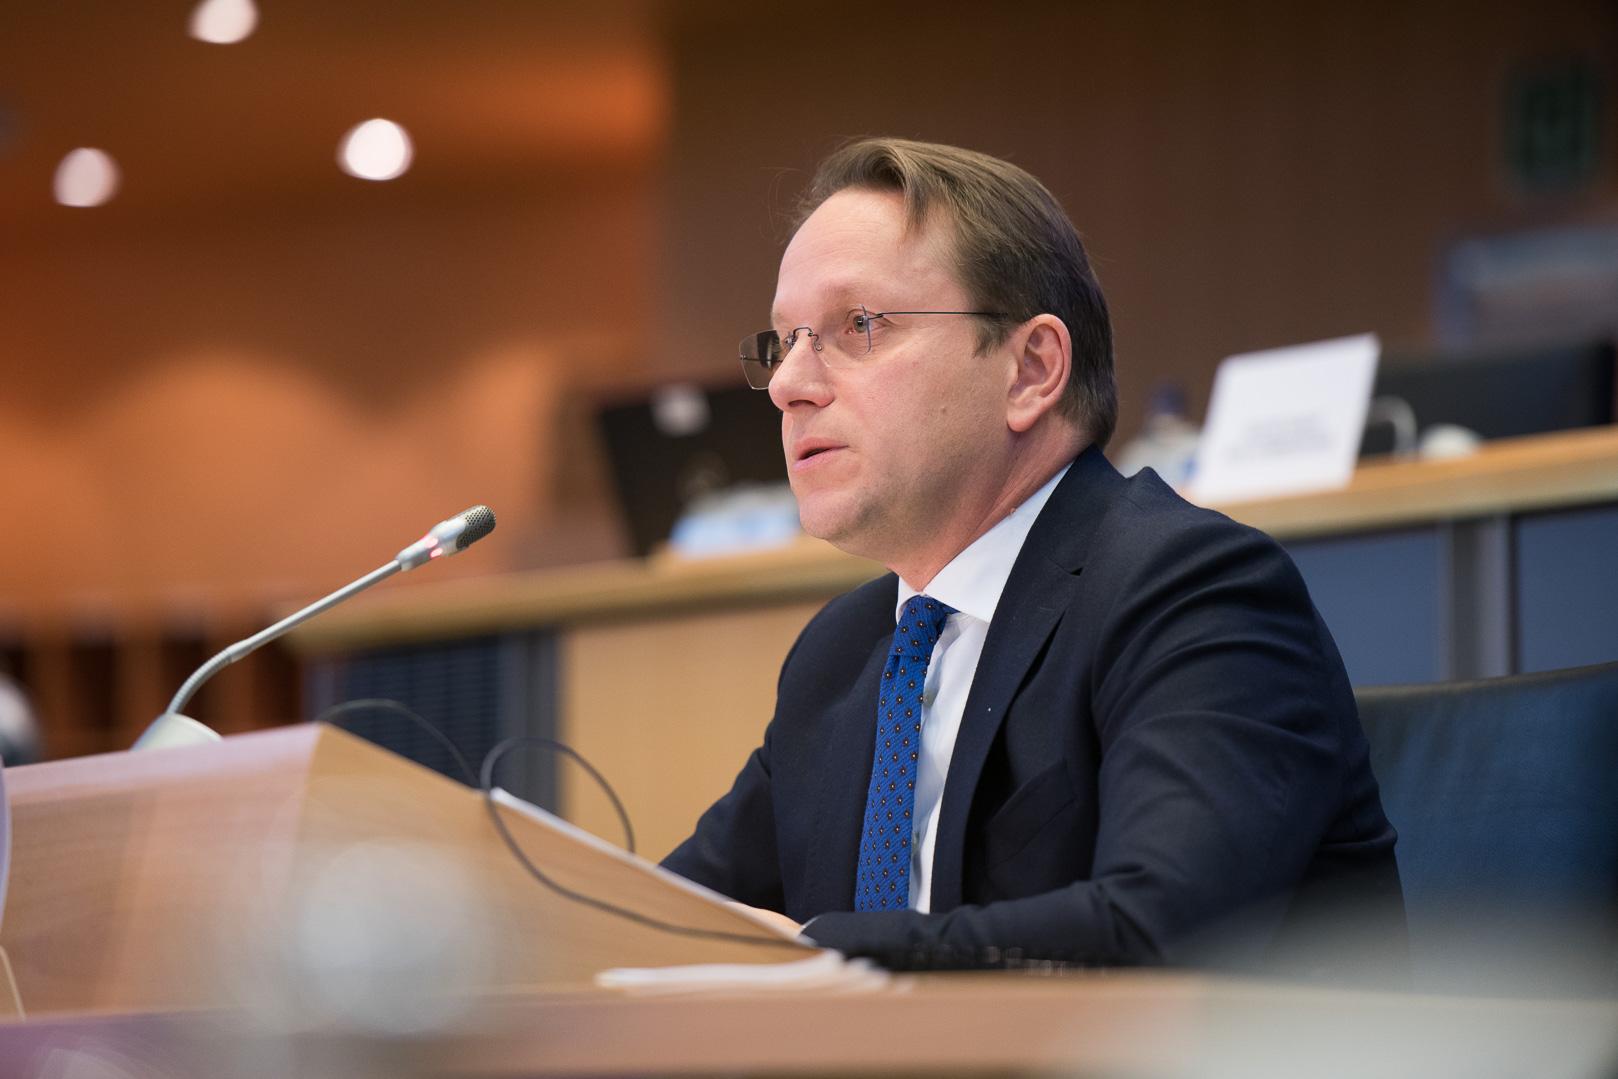 Plotësimi i Kushtetueses, Varhelyi: Lajm i shkëlqyer, arritje e rëndësishme për institucionet e njerëzit